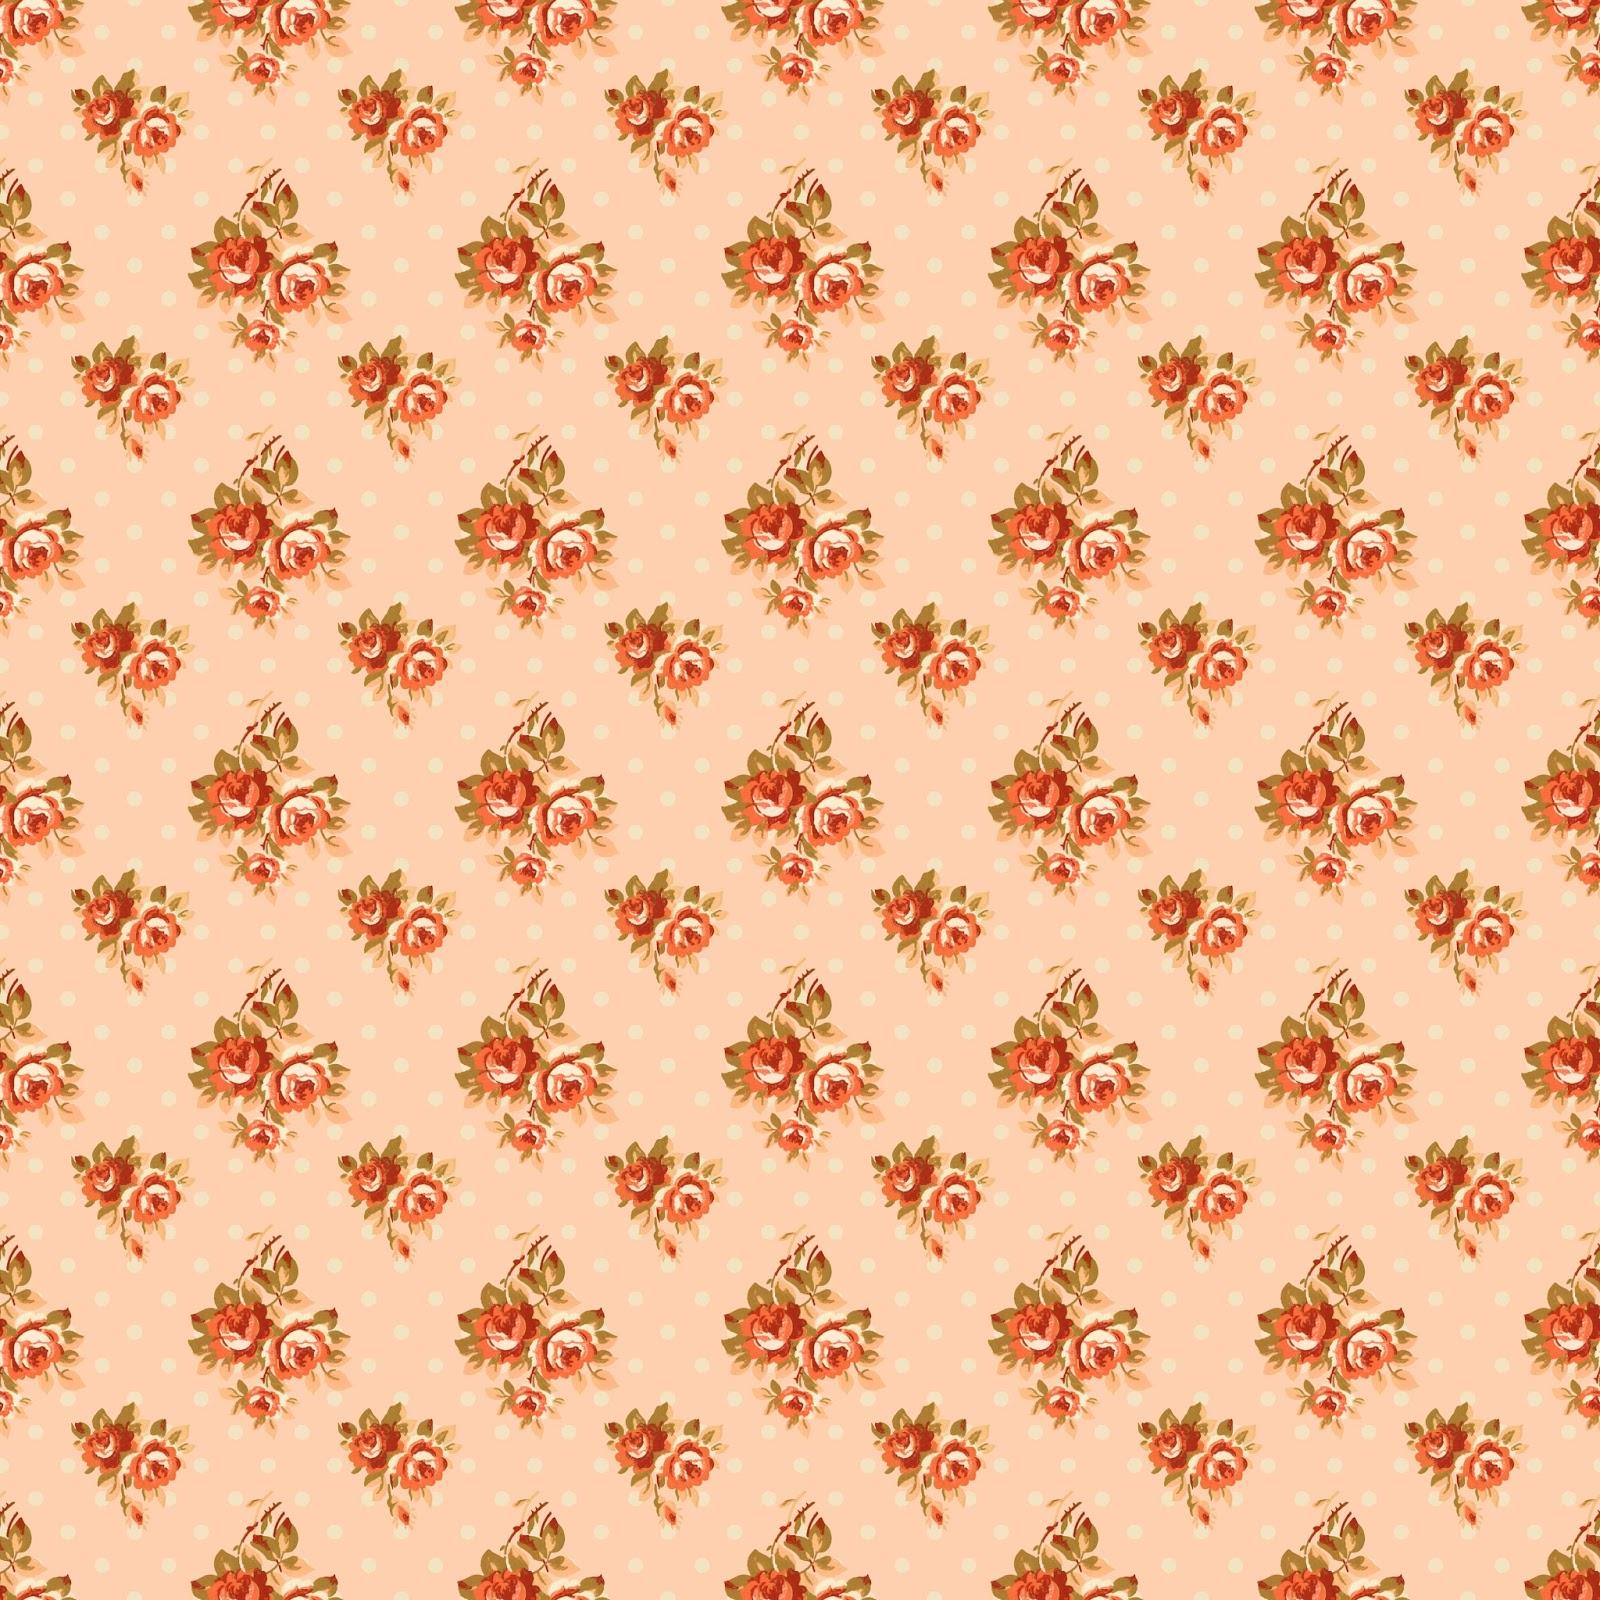 Scrapbook paper download - Rose Digital Paper Download Scrapbook Image